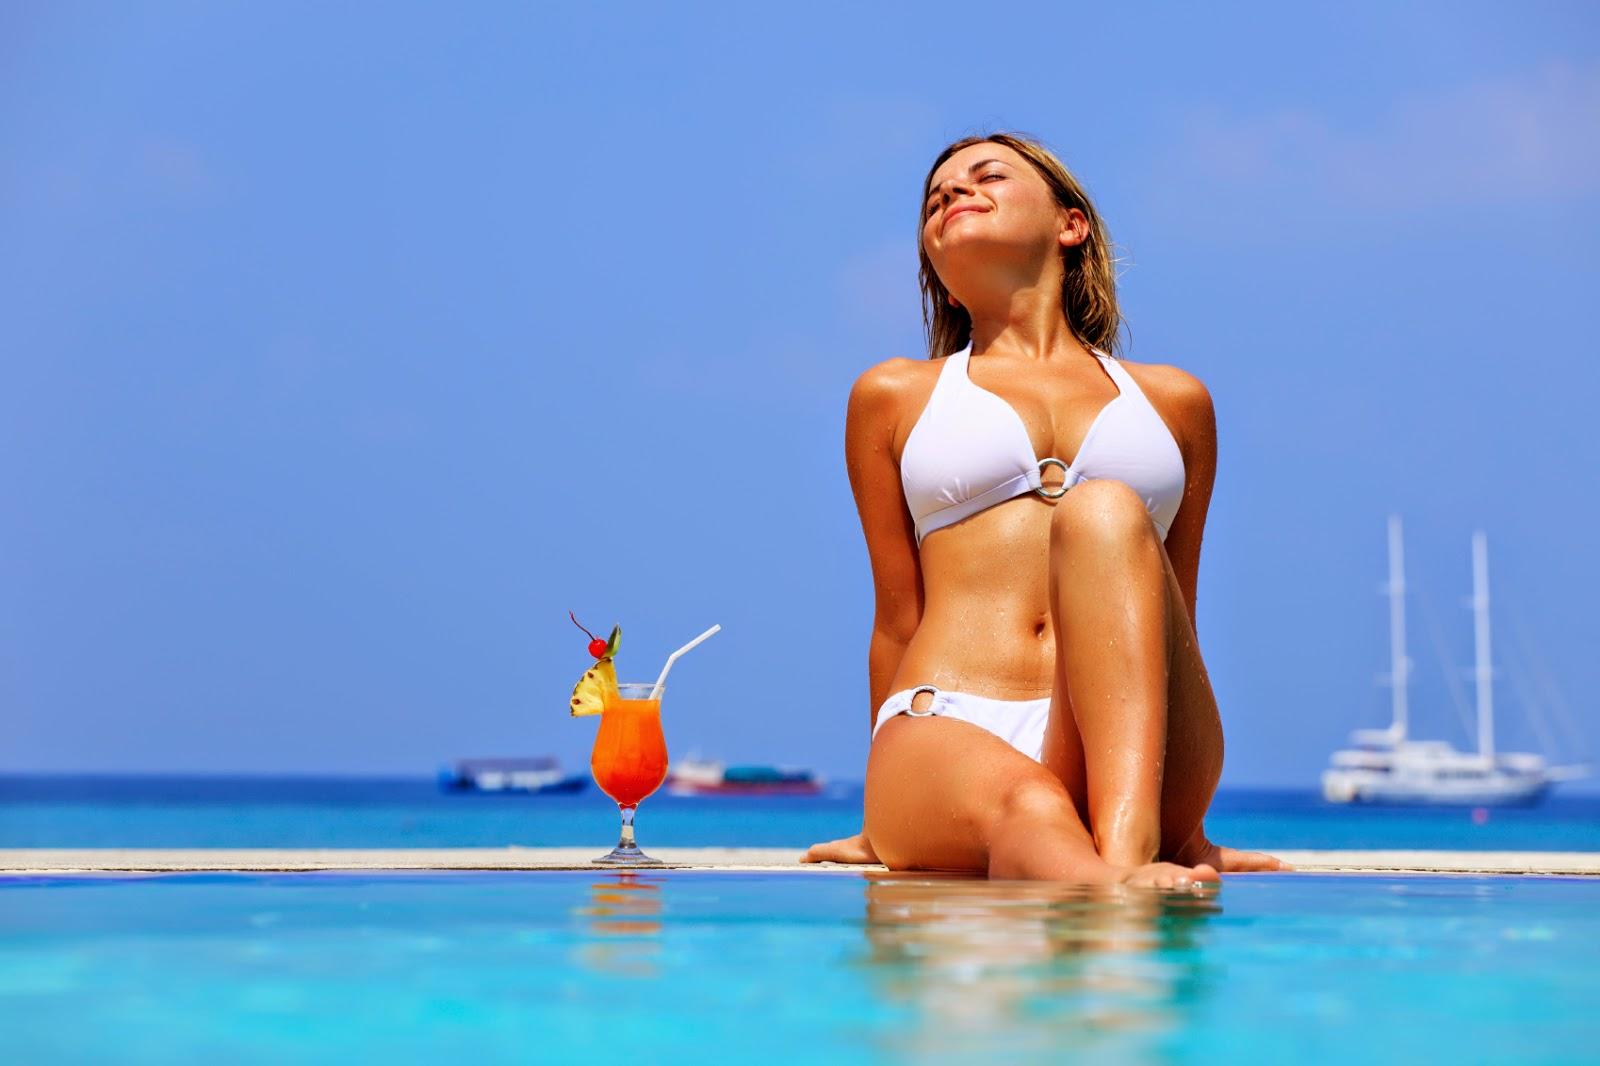 13 sai lầm tệ hại nhất bạn đang đối xử với bản thân - Không dùng kem chống nắng